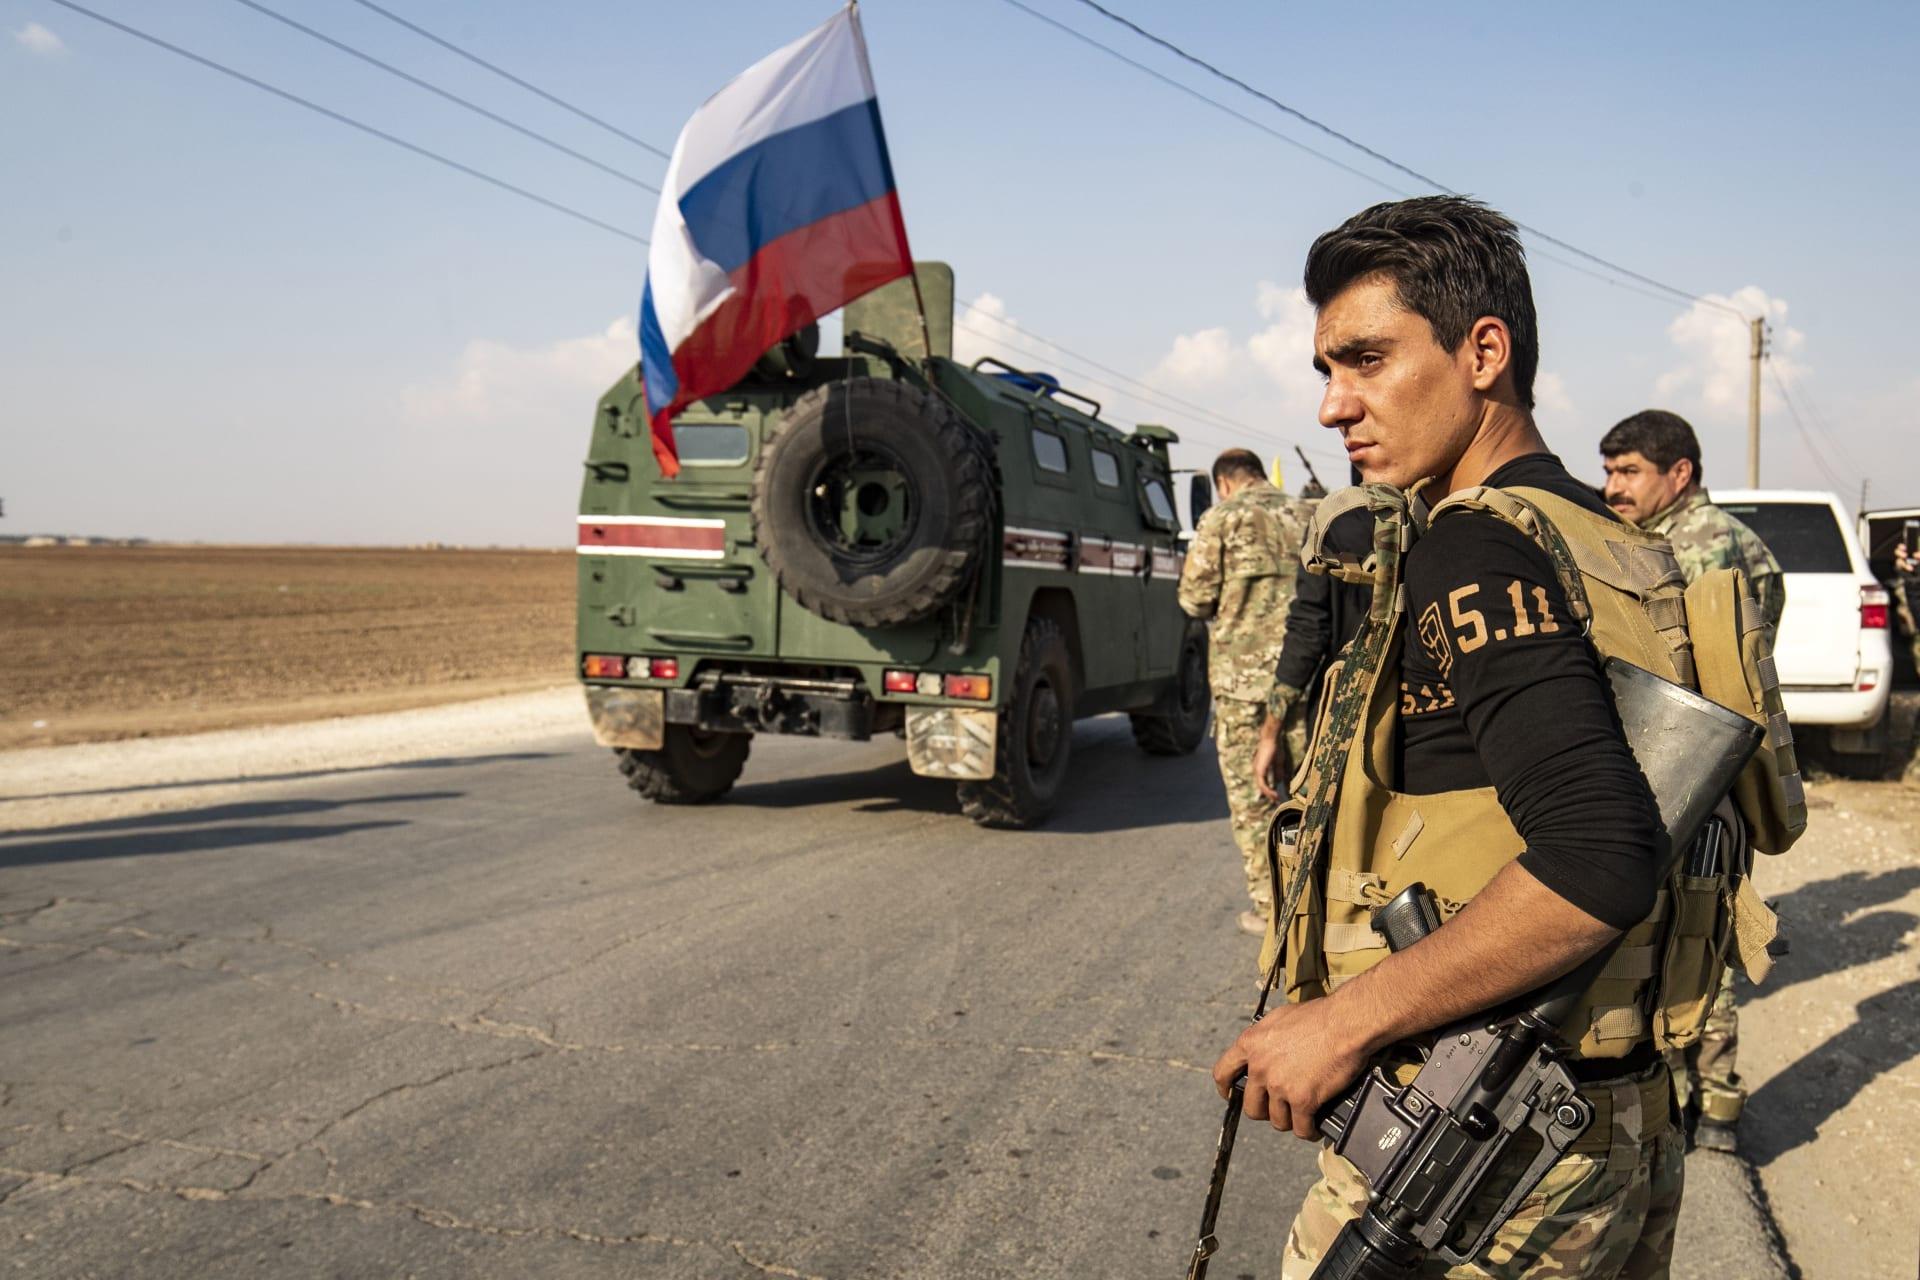 مقاتلون من قوات سوريا الديمقراطية يستعدون للانسحاب من مناطق شرق الفرات في شمال سوريا